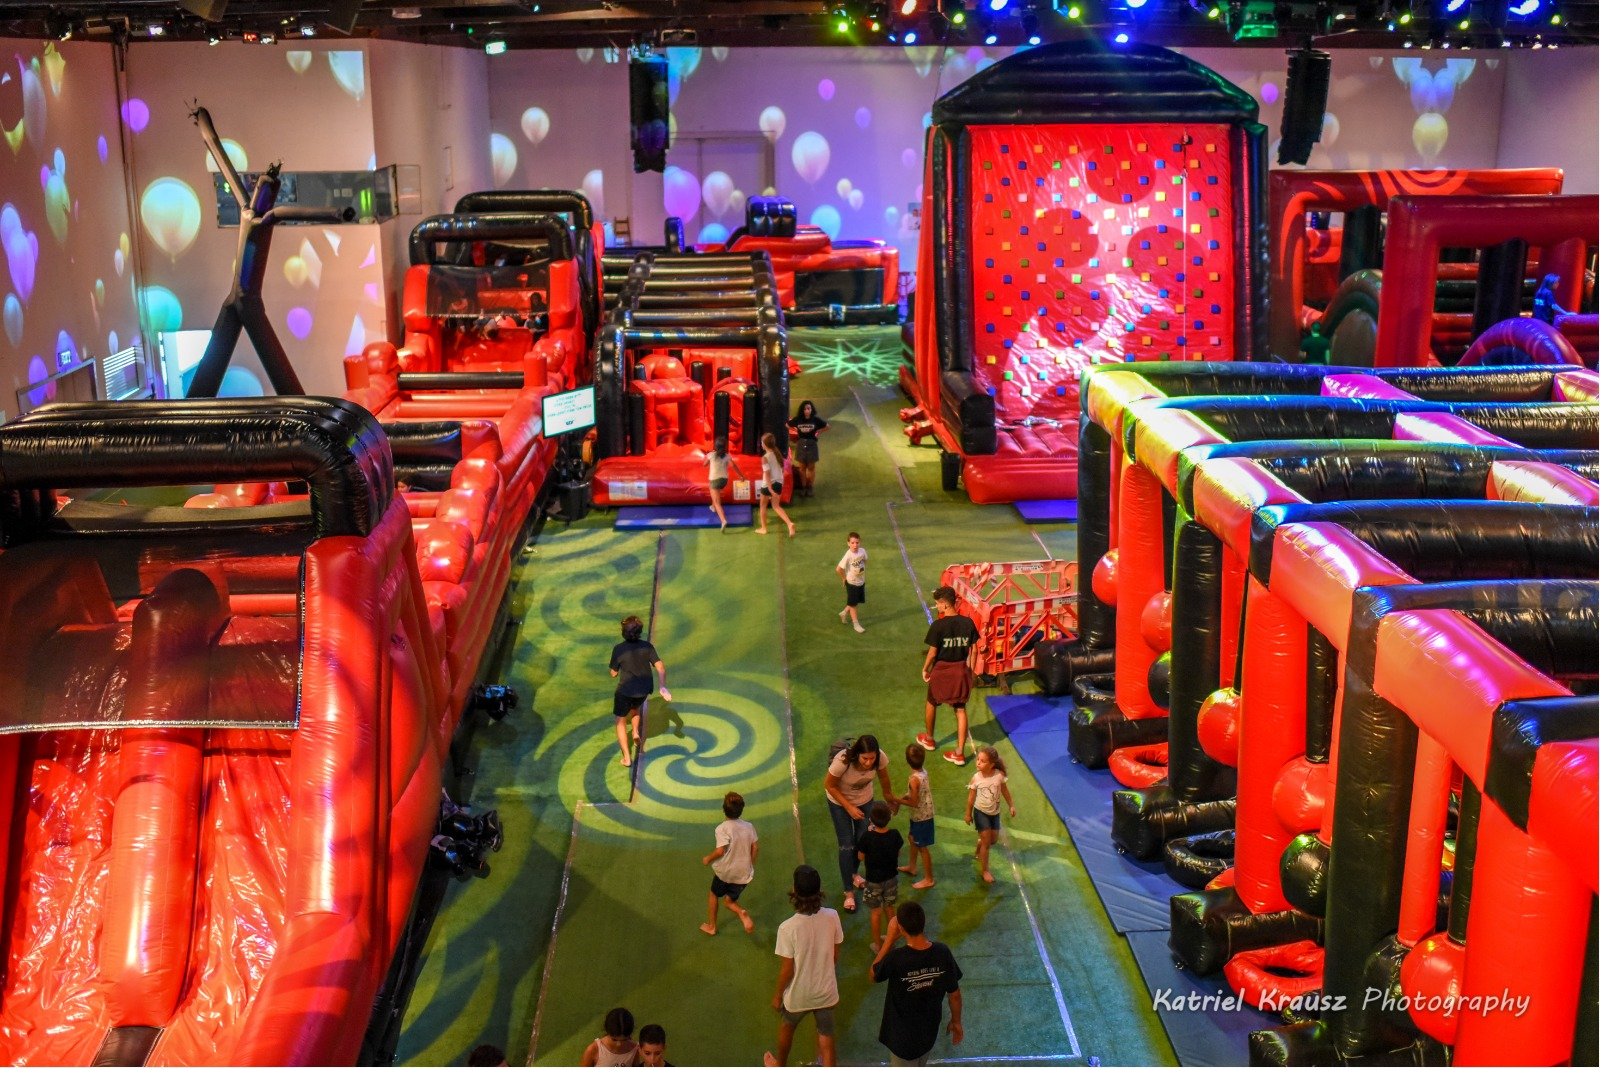 مجمع واي بارك الترفيهي في ميناء تل ابيب - لقضاء أسعد الأوقات مع أطفالكم